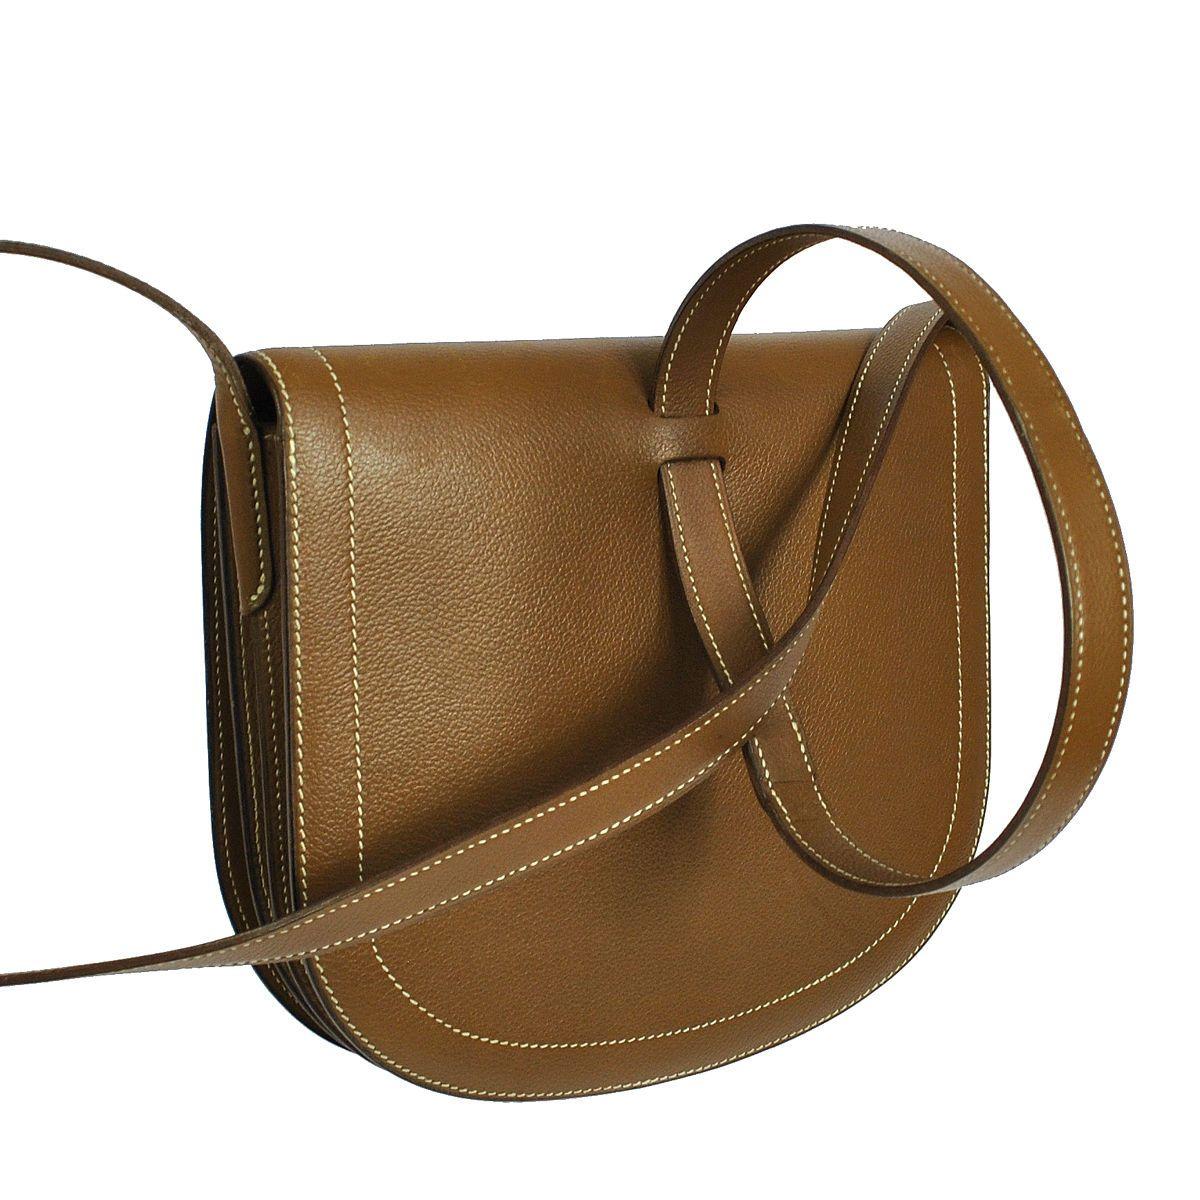 Authentic Hermes Vintage Shoulder Bag Brown Leather GHW 1985's S01535   eBay